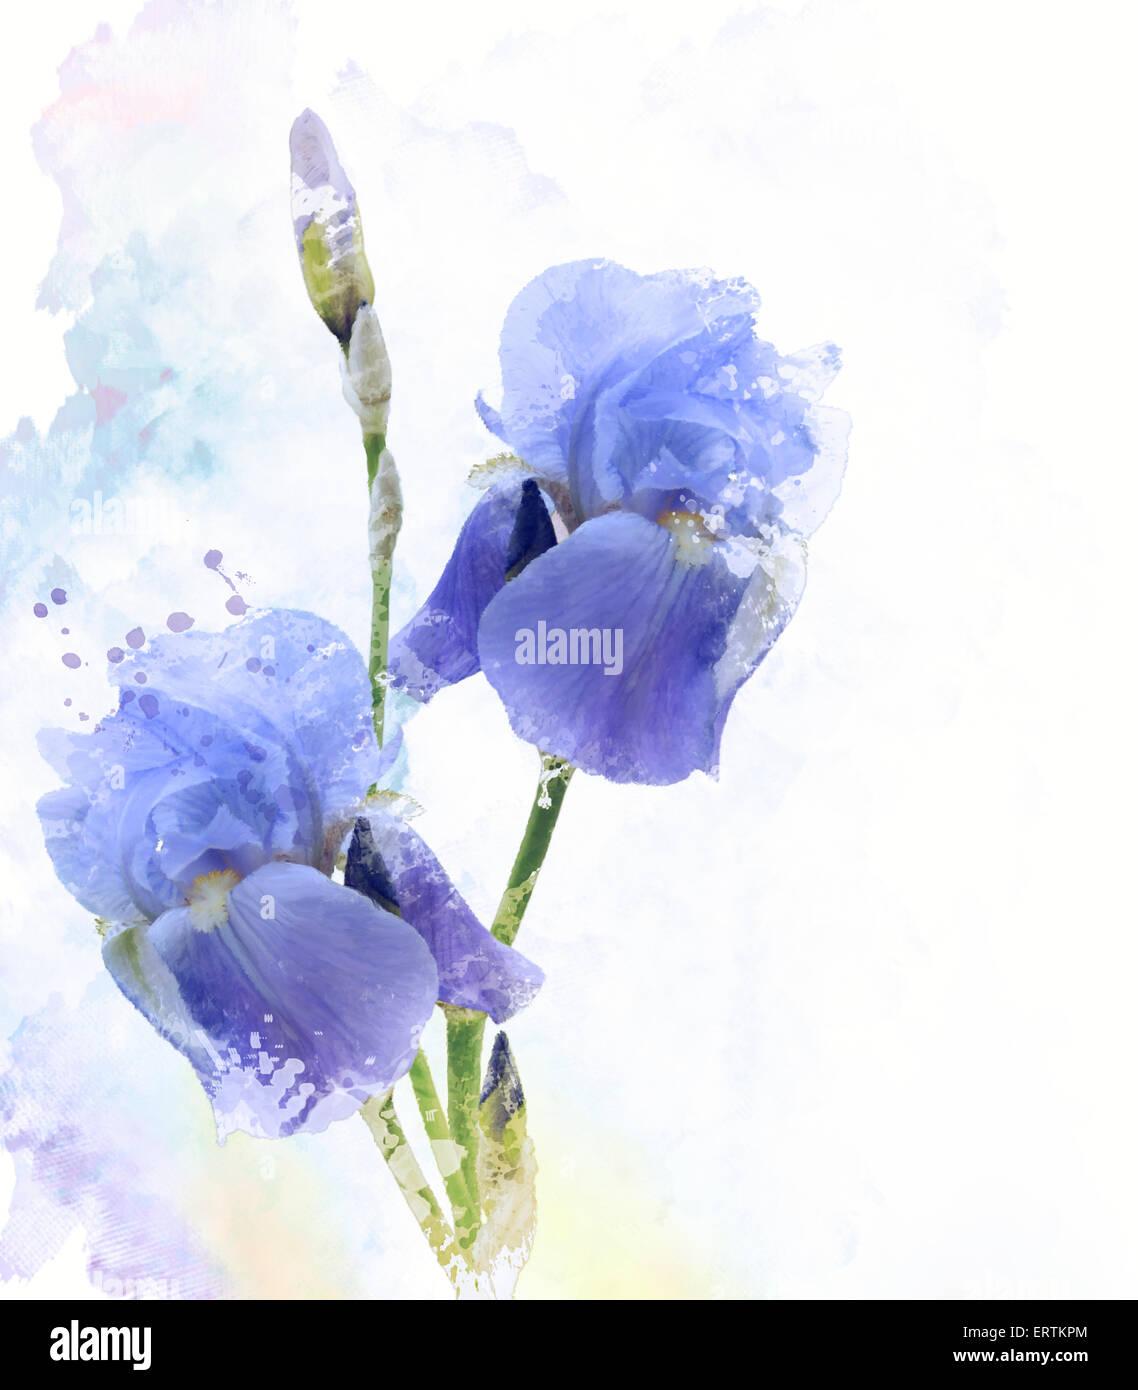 Digital painting of iris flowers stock photo 83520940 alamy digital painting of iris flowers izmirmasajfo